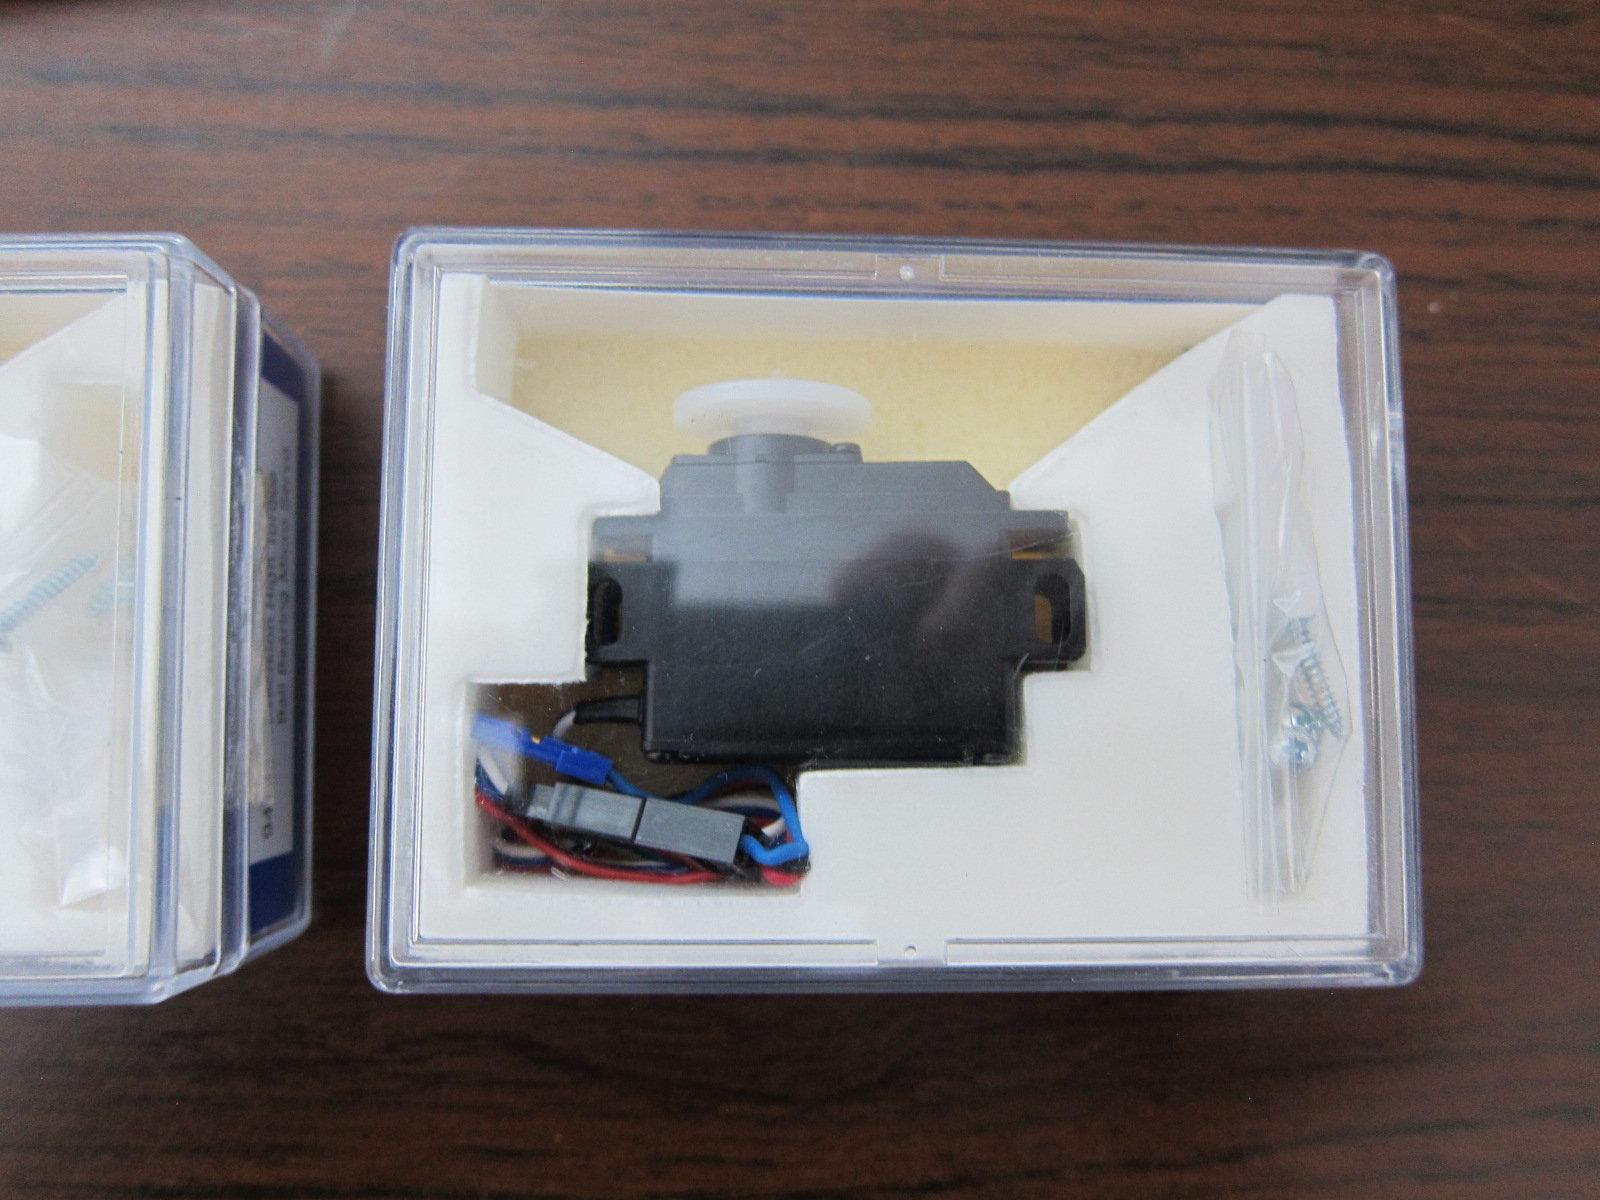 Airtronics 94141 precision high torque BB metal gear micro